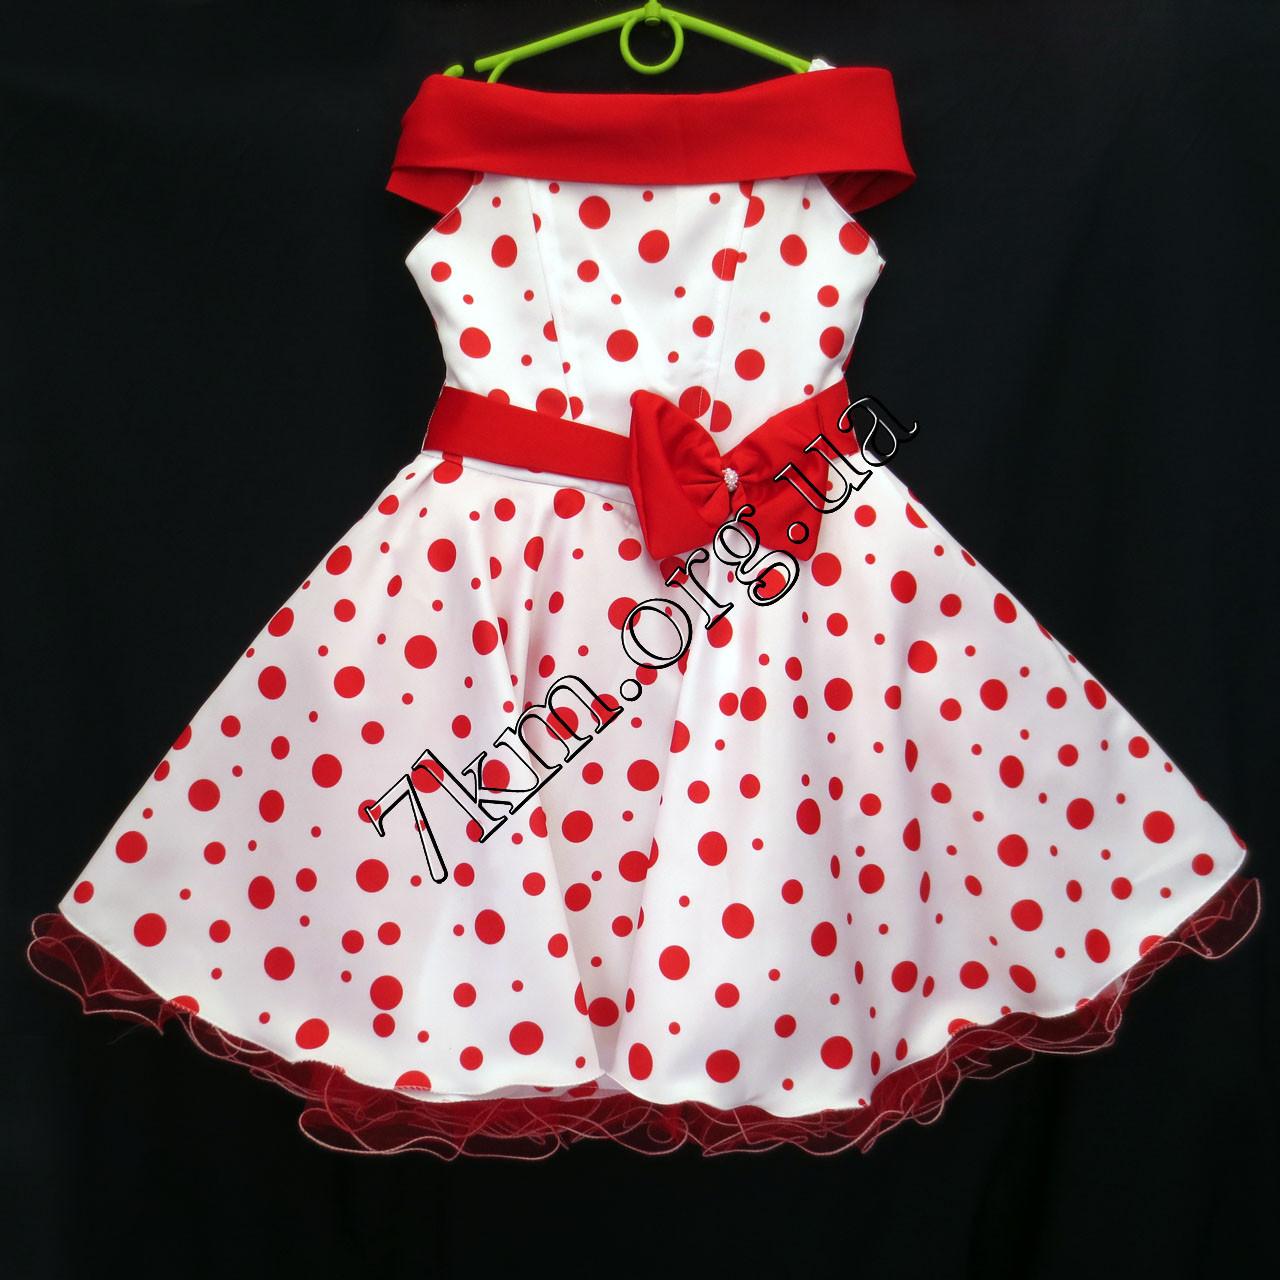 Платье нарядное бальное детское 6-7 лет Планочка  Украина оптом.